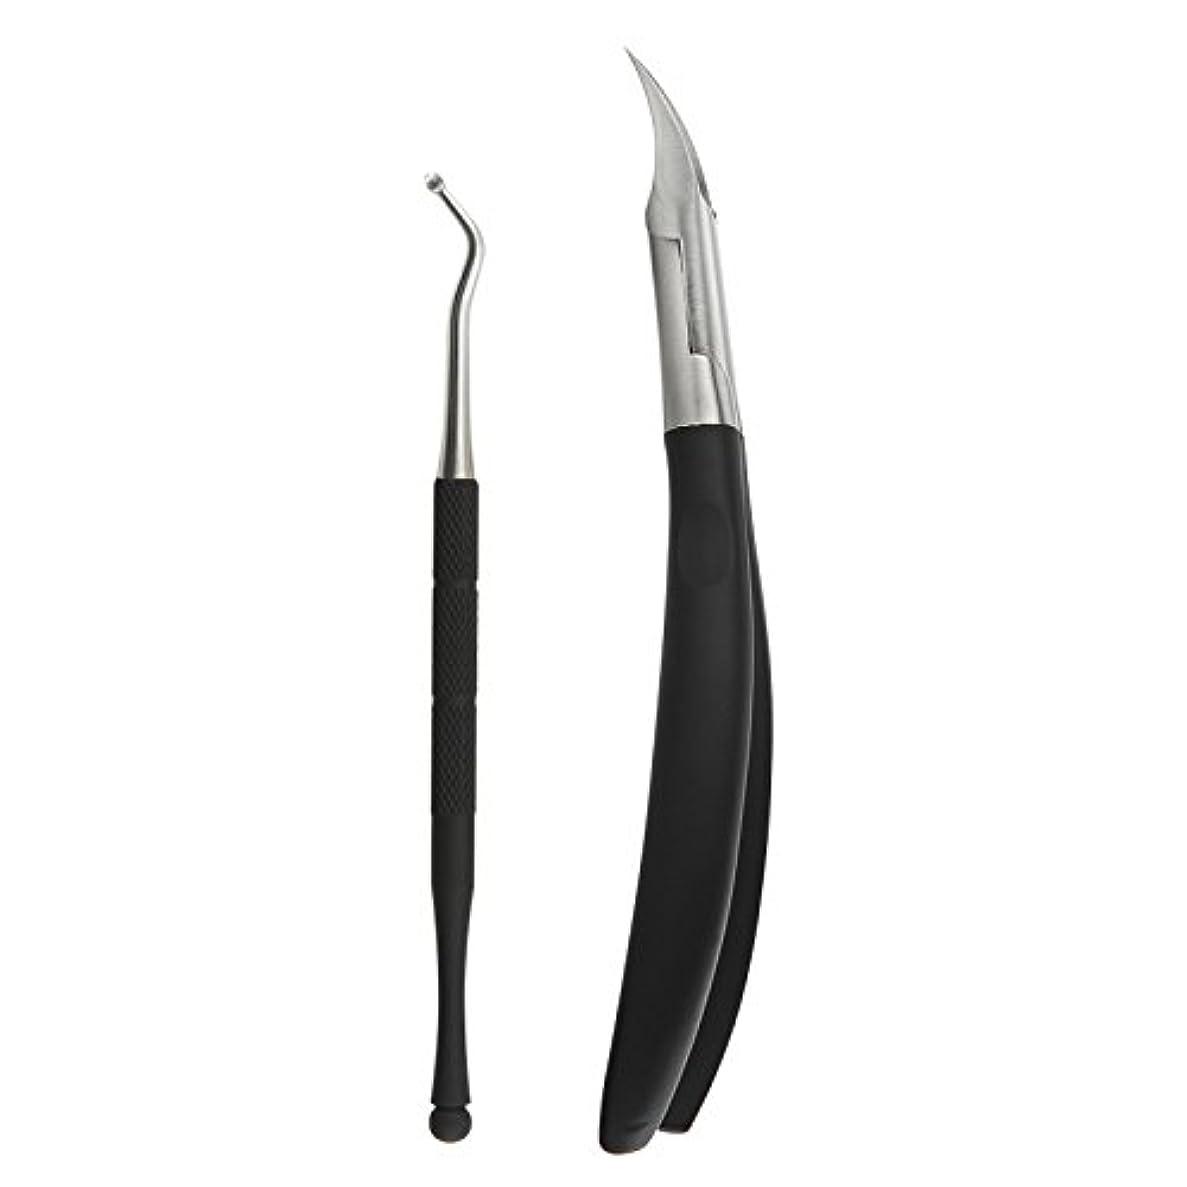 バーガーステープルフィルタMoontay 2PCS 爪切り ニッパー 足 ブラック ステンレス製 足の手入れ (ブラック)